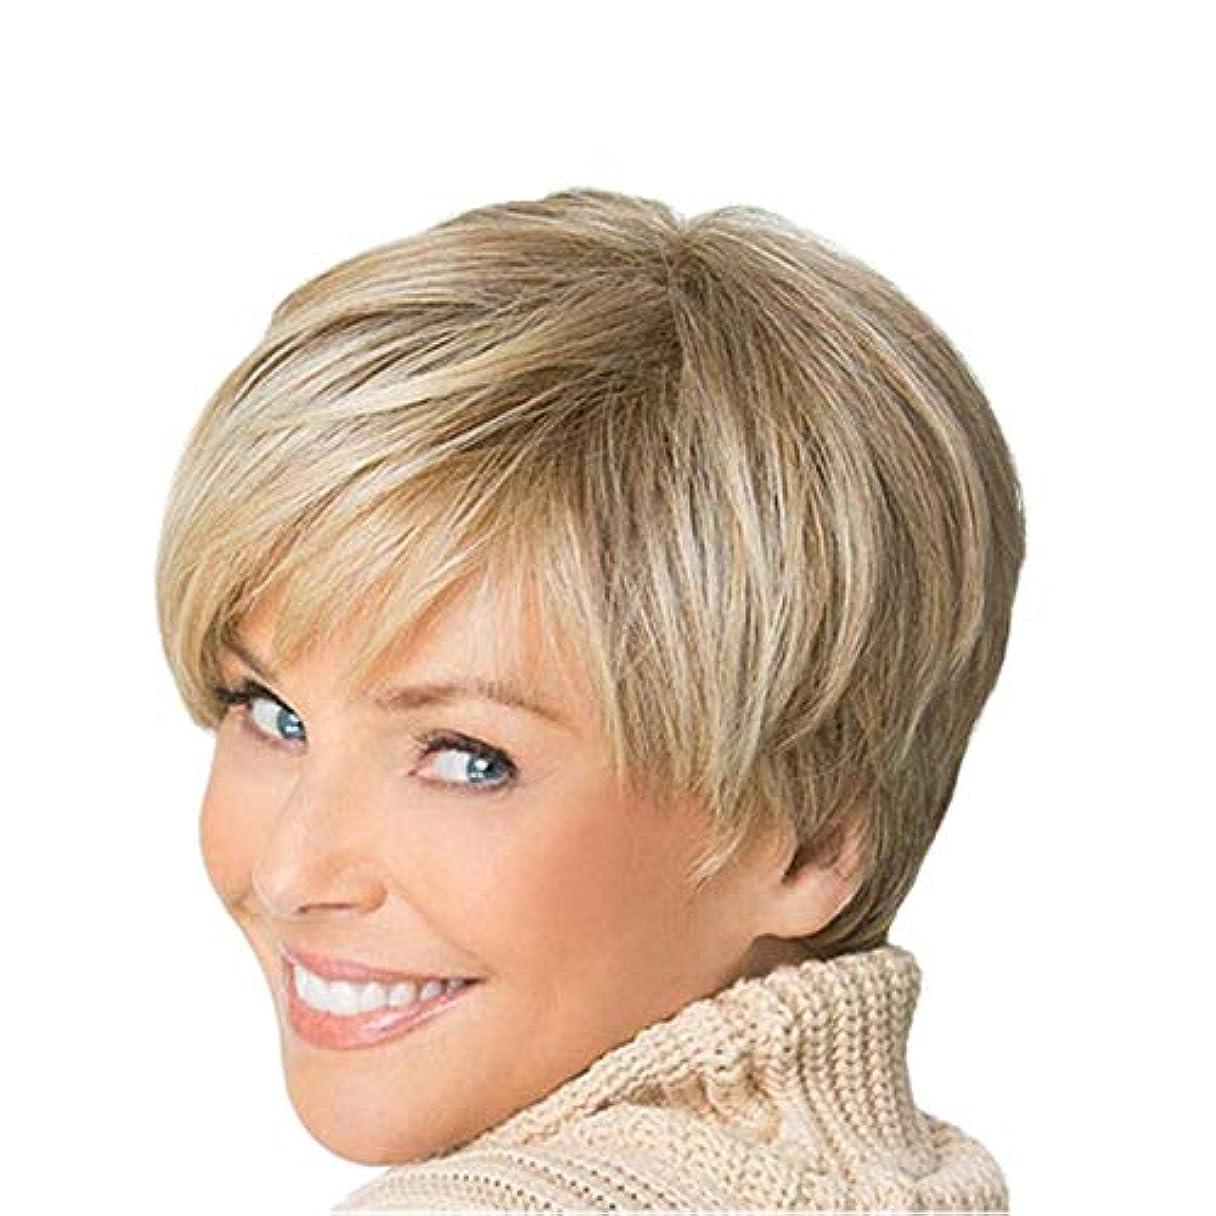 取り組む計器かろうじてYOUQIU 女性ブロンドボブヘアウィッグ自然な耐熱かつらのためにショートカーリーふわふわウィッグ (色 : Blonde)